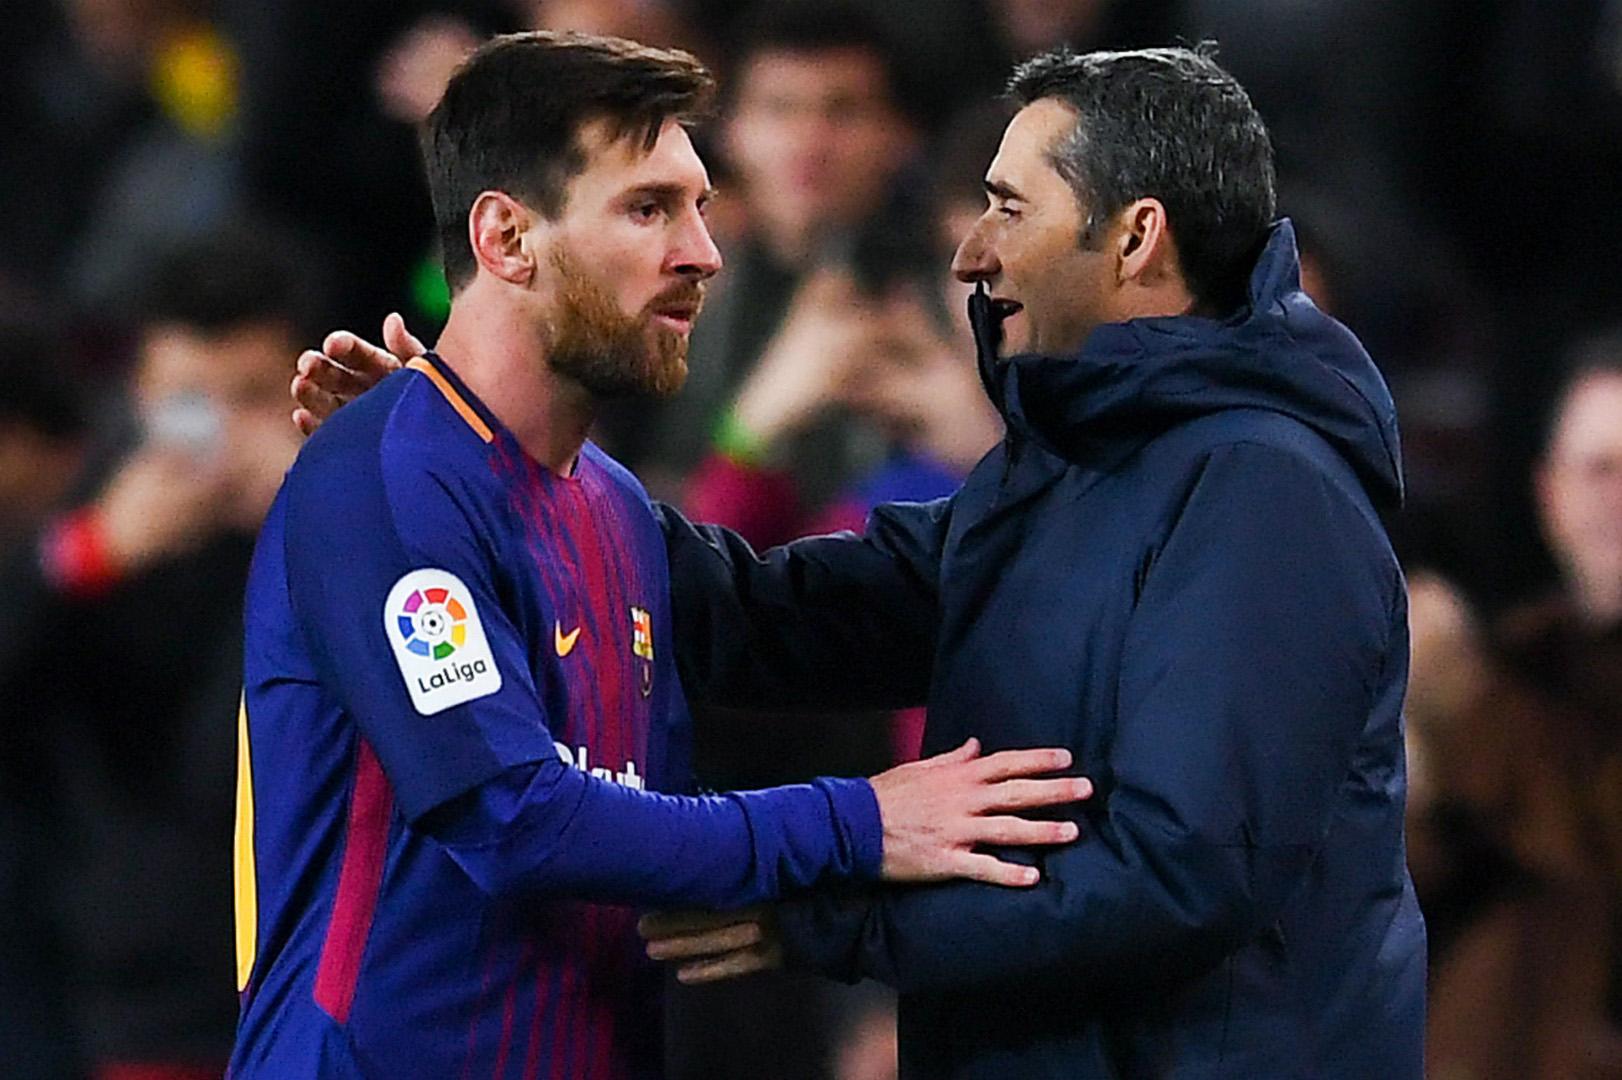 فالفيردي: لست قلقا من تصريحات ميسي حول الرحيل عن برشلونة